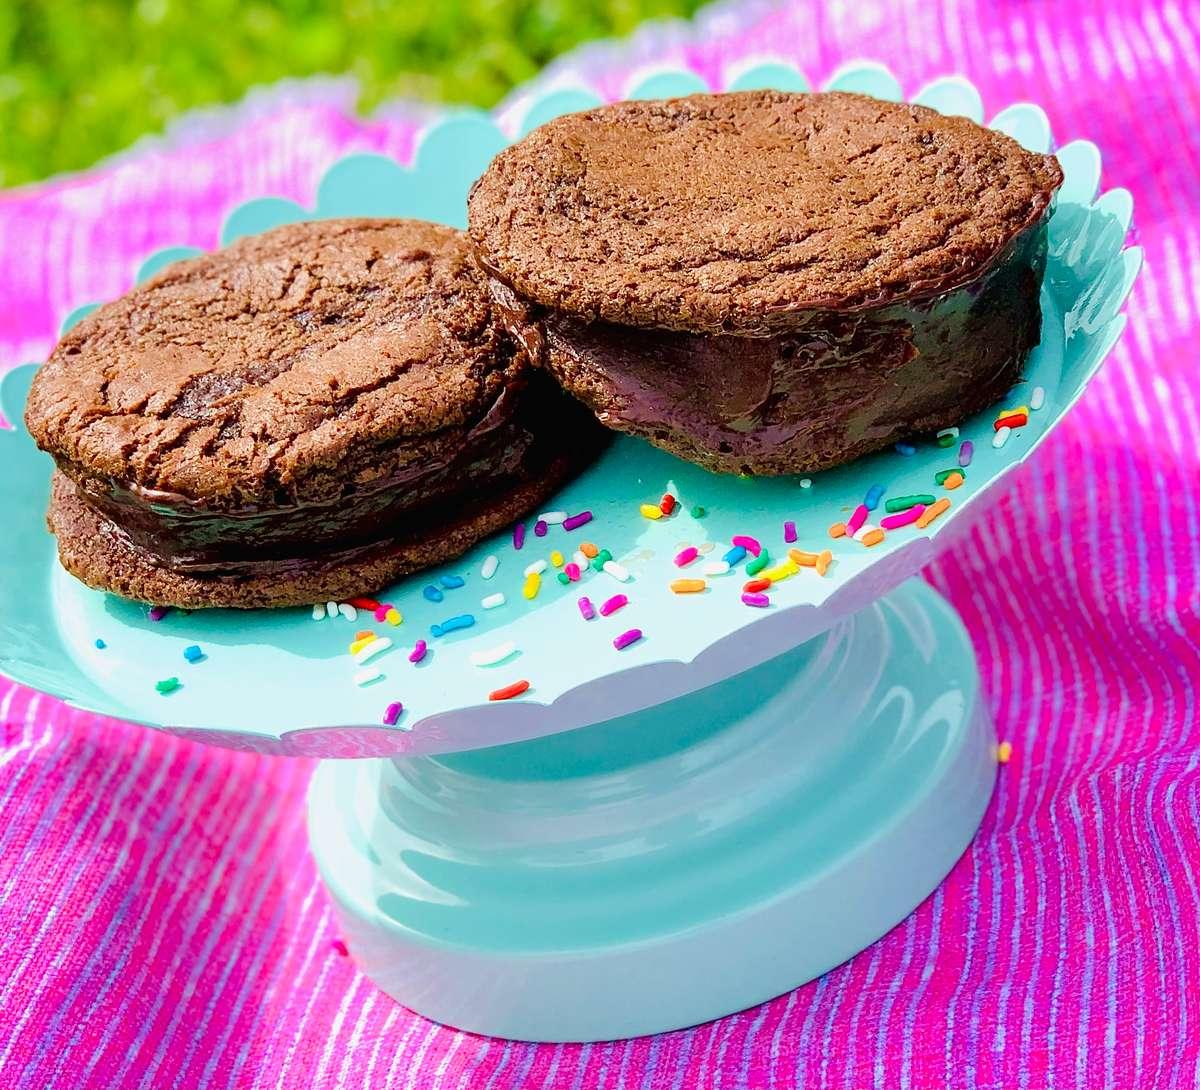 Chocolate Malt Sandwich Cookie